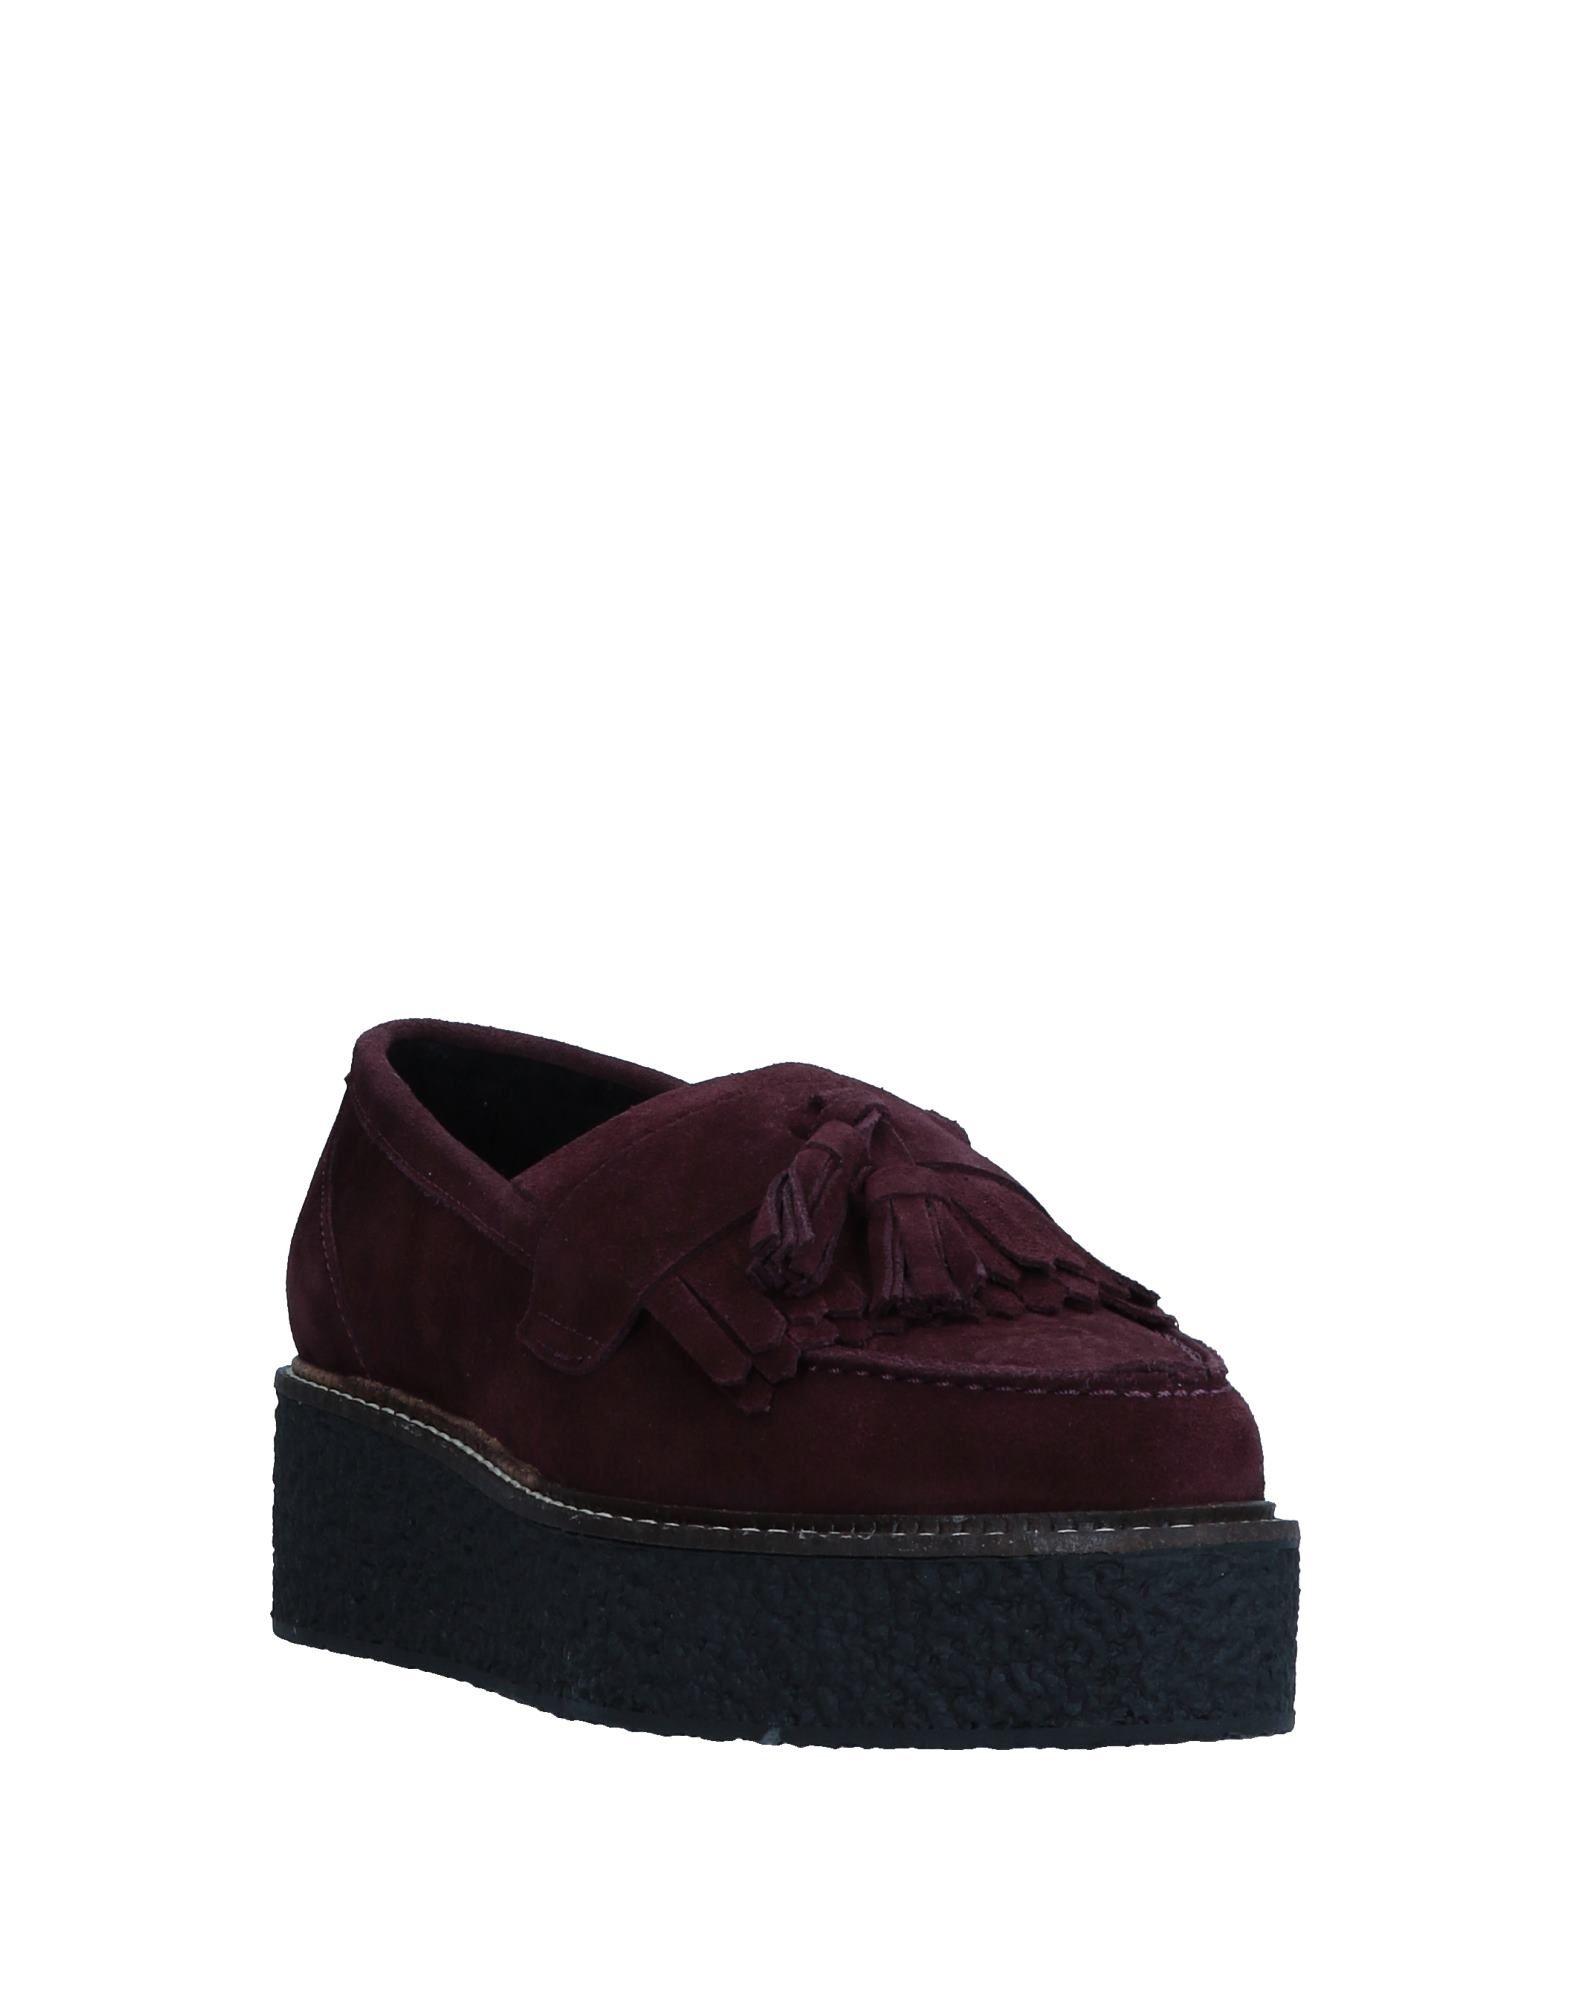 Flavio Creation Mokassins beliebte Damen  11547500TV Gute Qualität beliebte Mokassins Schuhe e27114